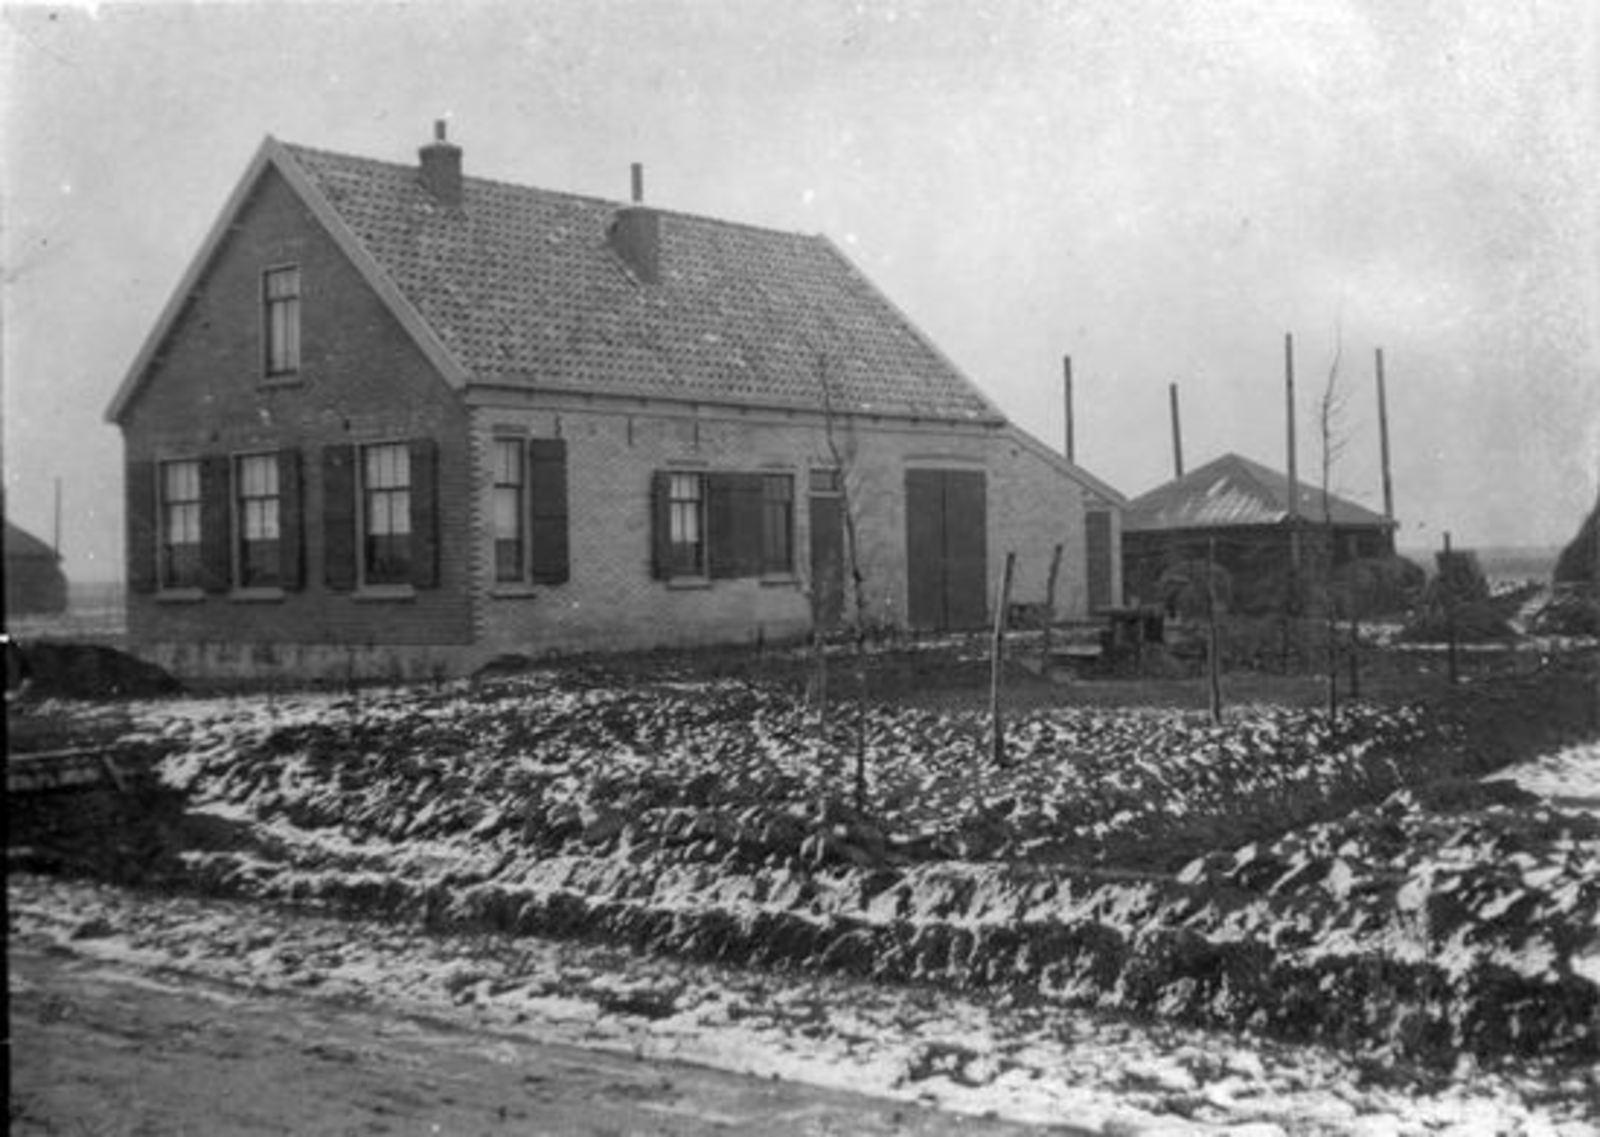 <b>ZOEKPLAATJE:</b>Vuren Peet v 19__ Onbekend Huis Boerderij Malipaard